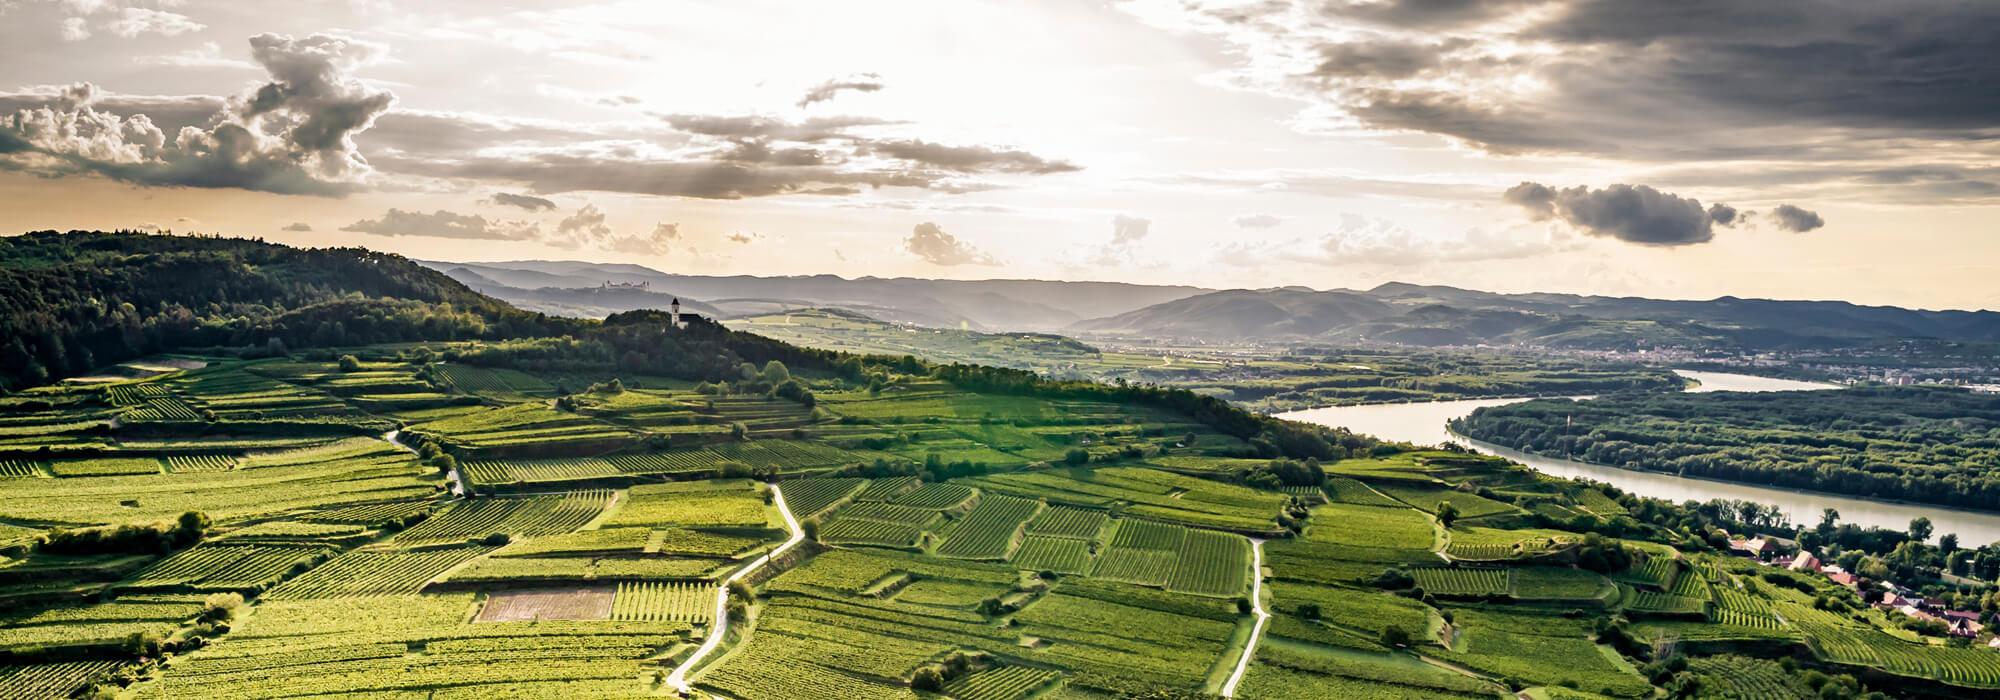 Luftbild von den Weingärten